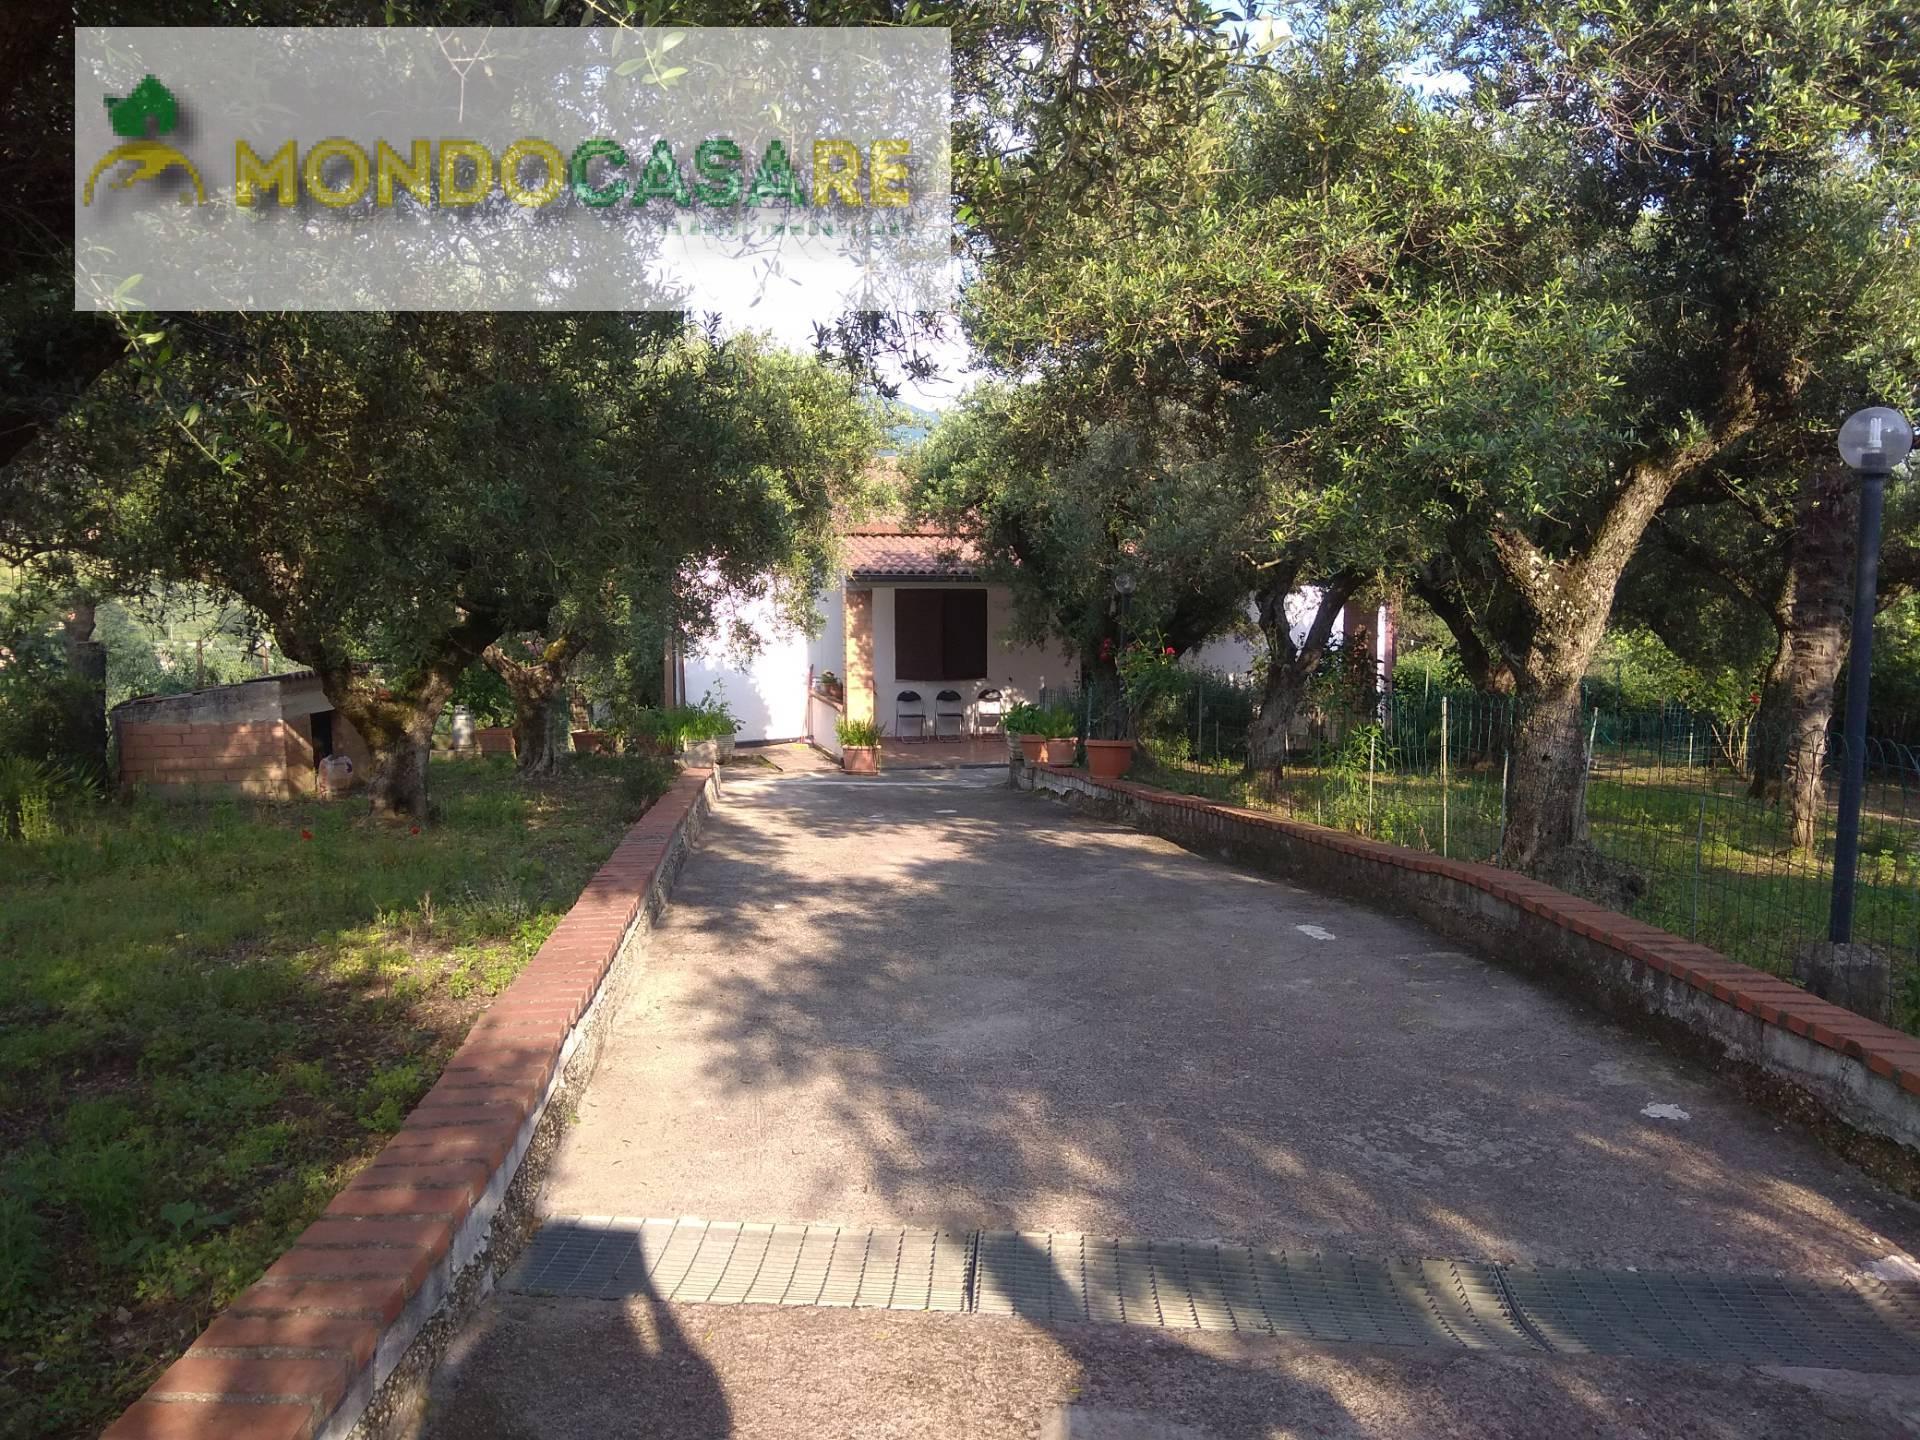 Rustico / Casale in vendita a Palombara Sabina, 2 locali, prezzo € 79.000 | CambioCasa.it